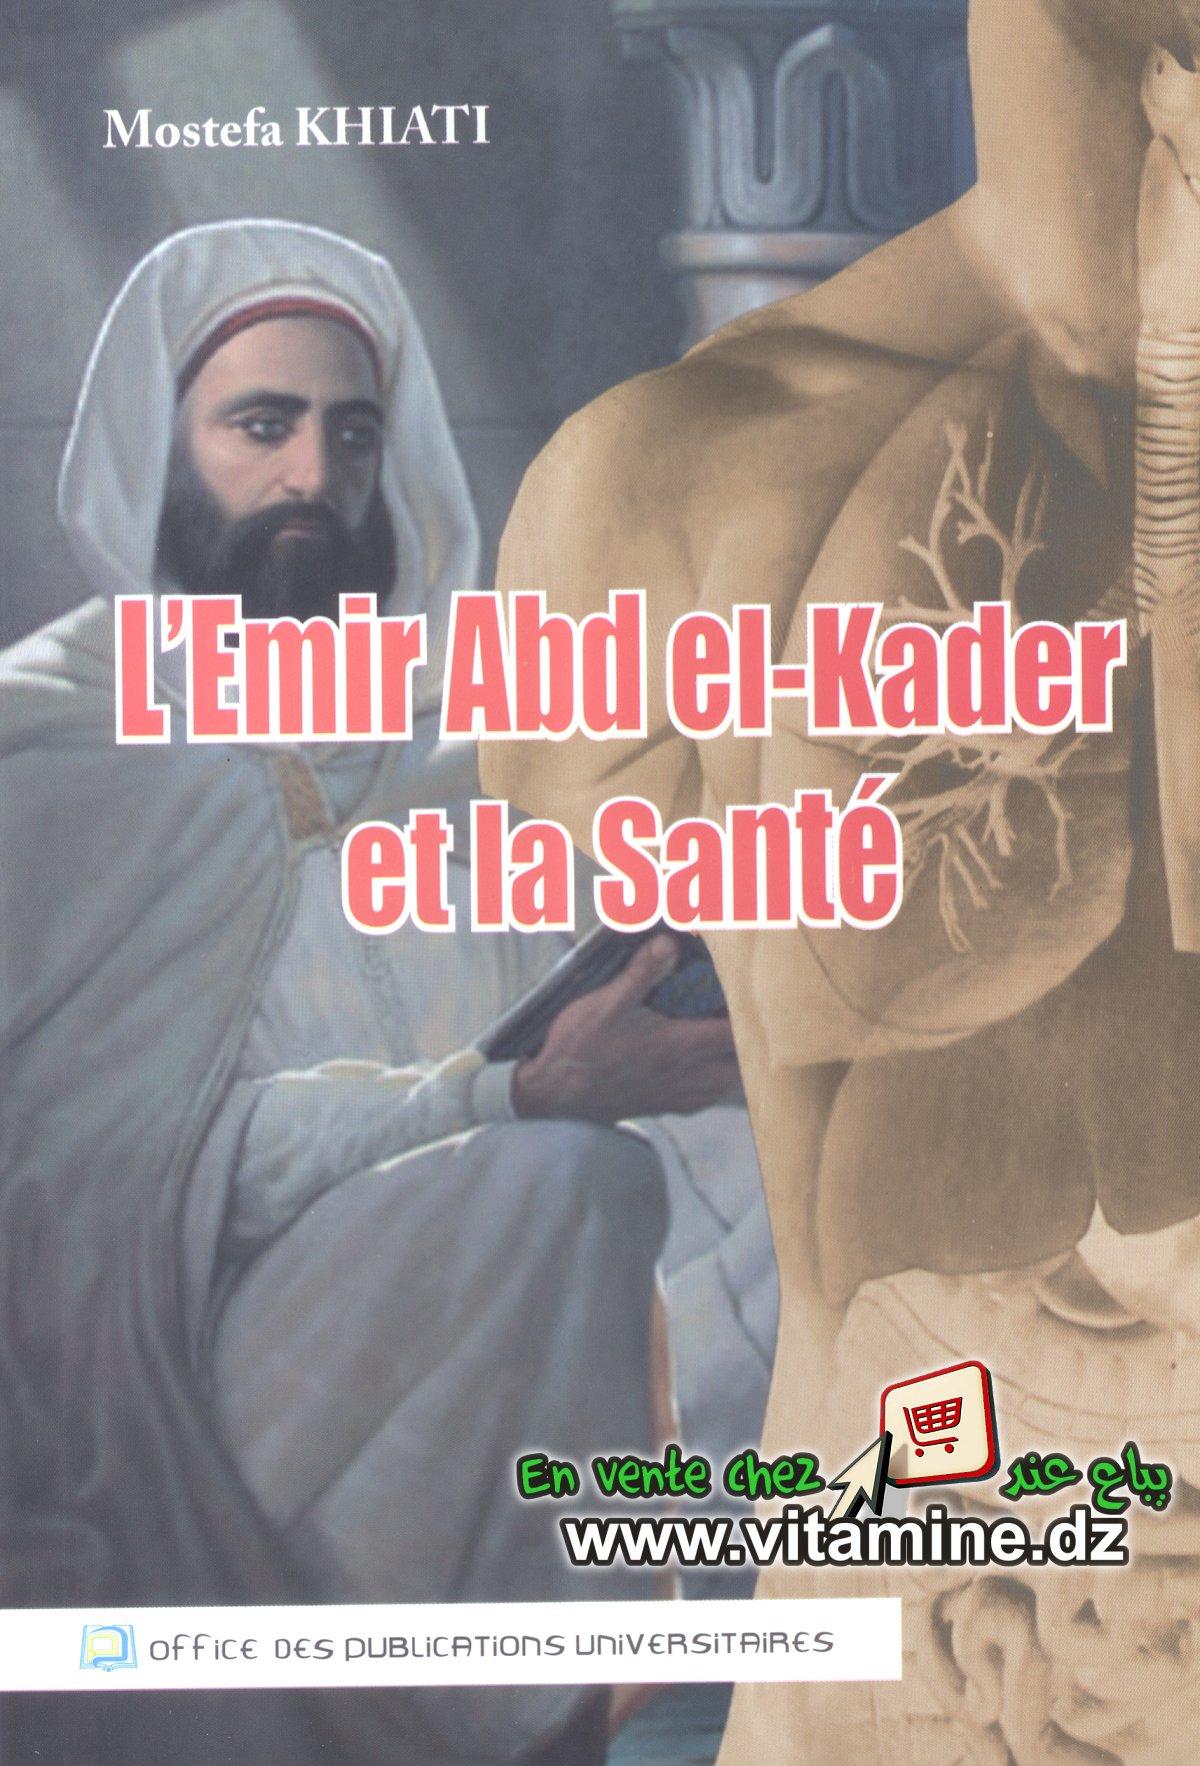 Mostefa Khiati - L'Emir Abd el-Kader et la Sant�